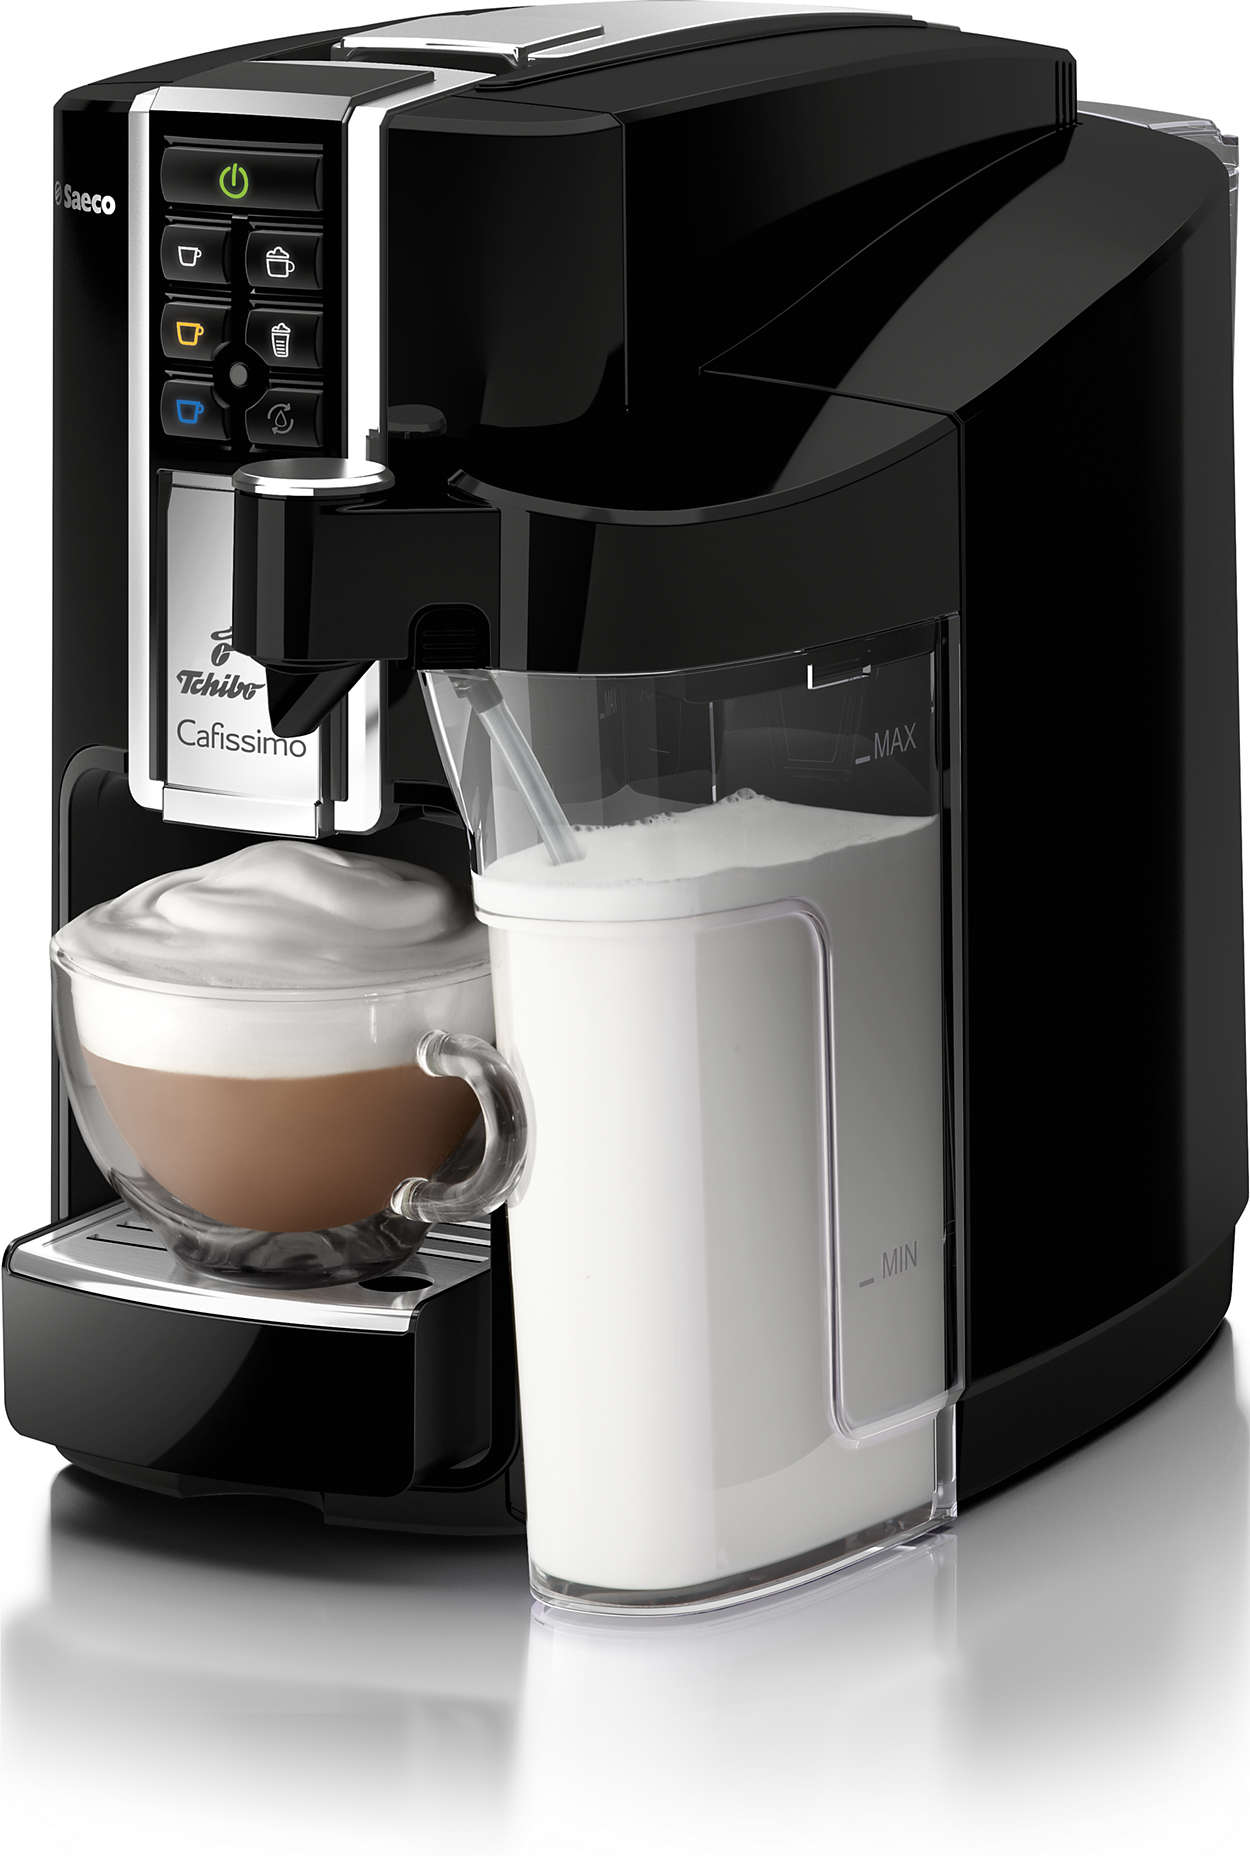 Vollautomatische Kaffeekapselmaschinen